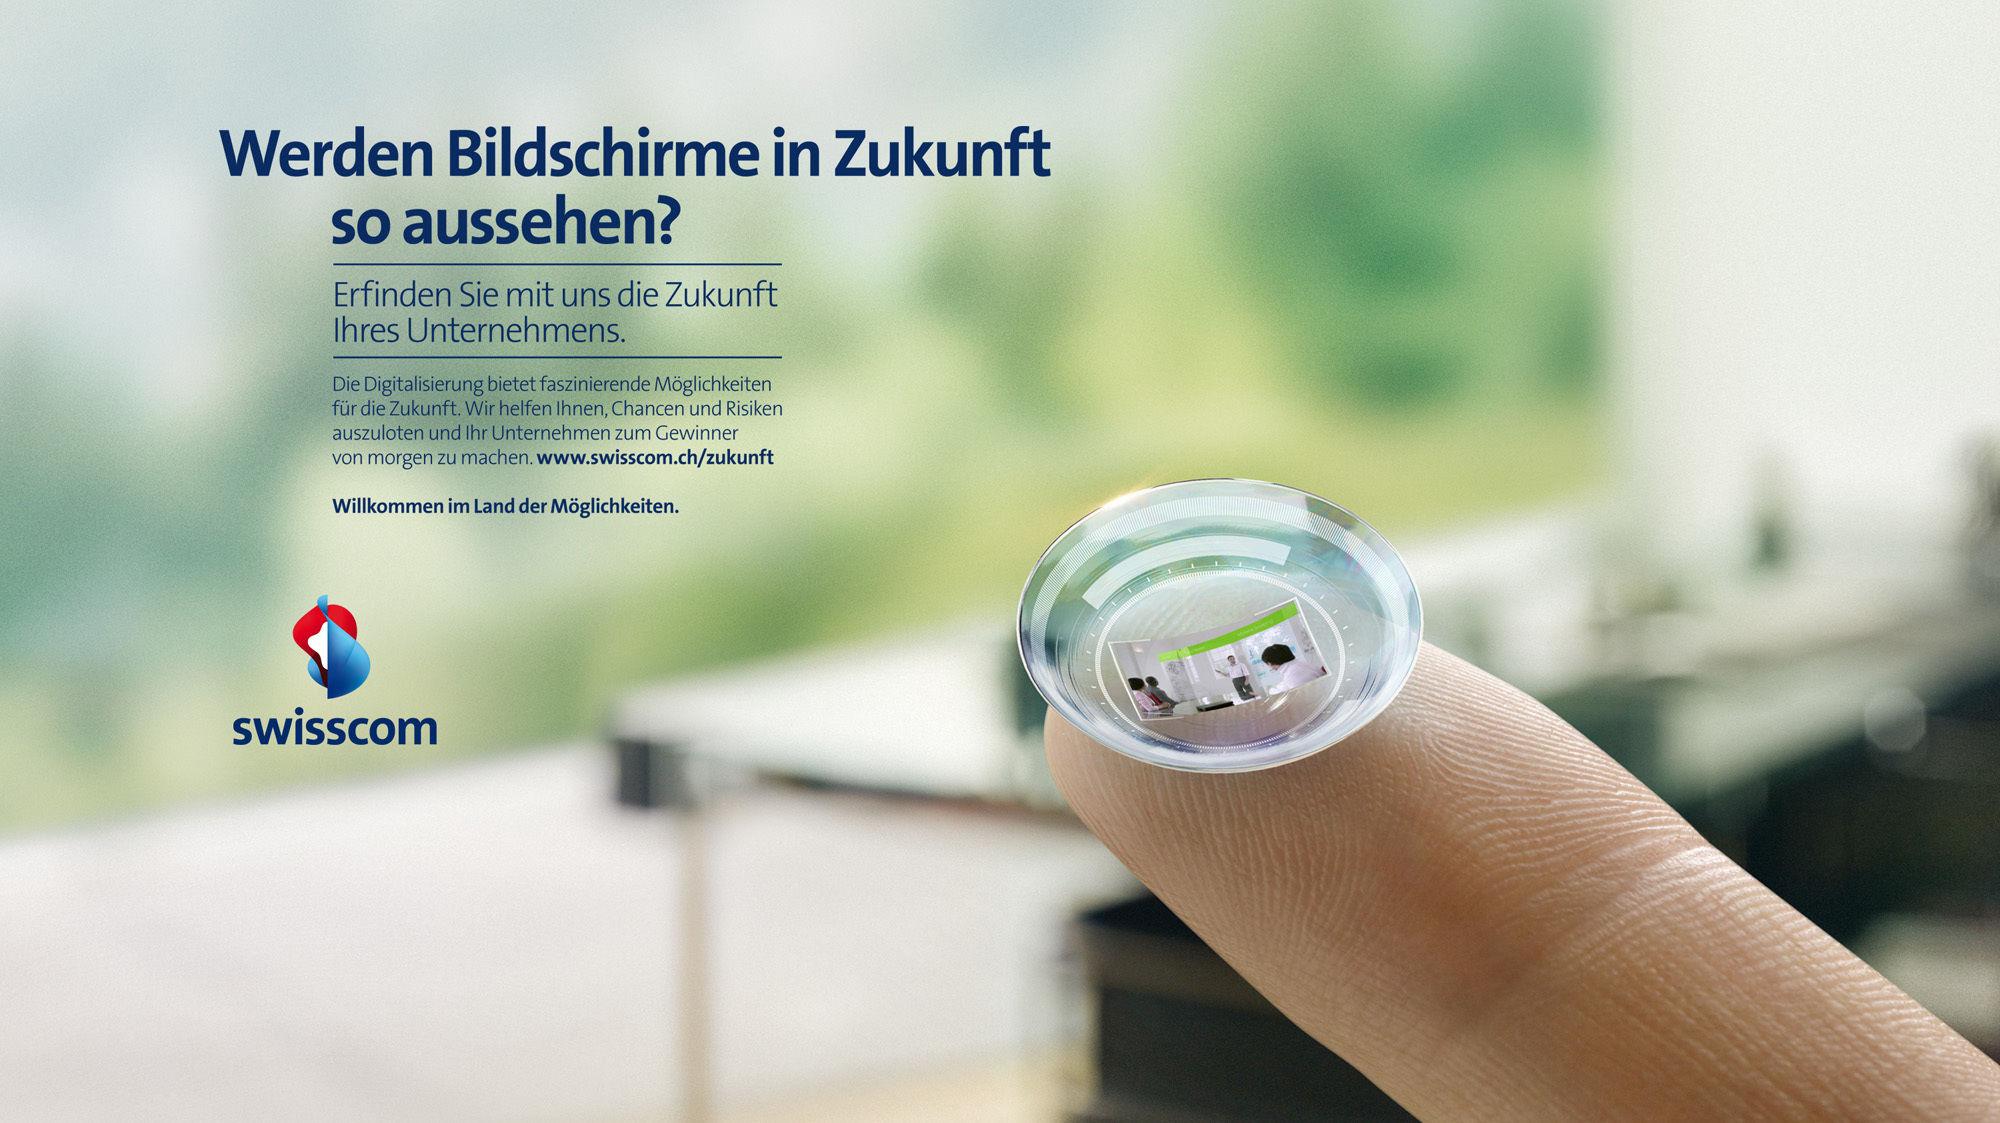 MARKUS MUELLER for Swisscom